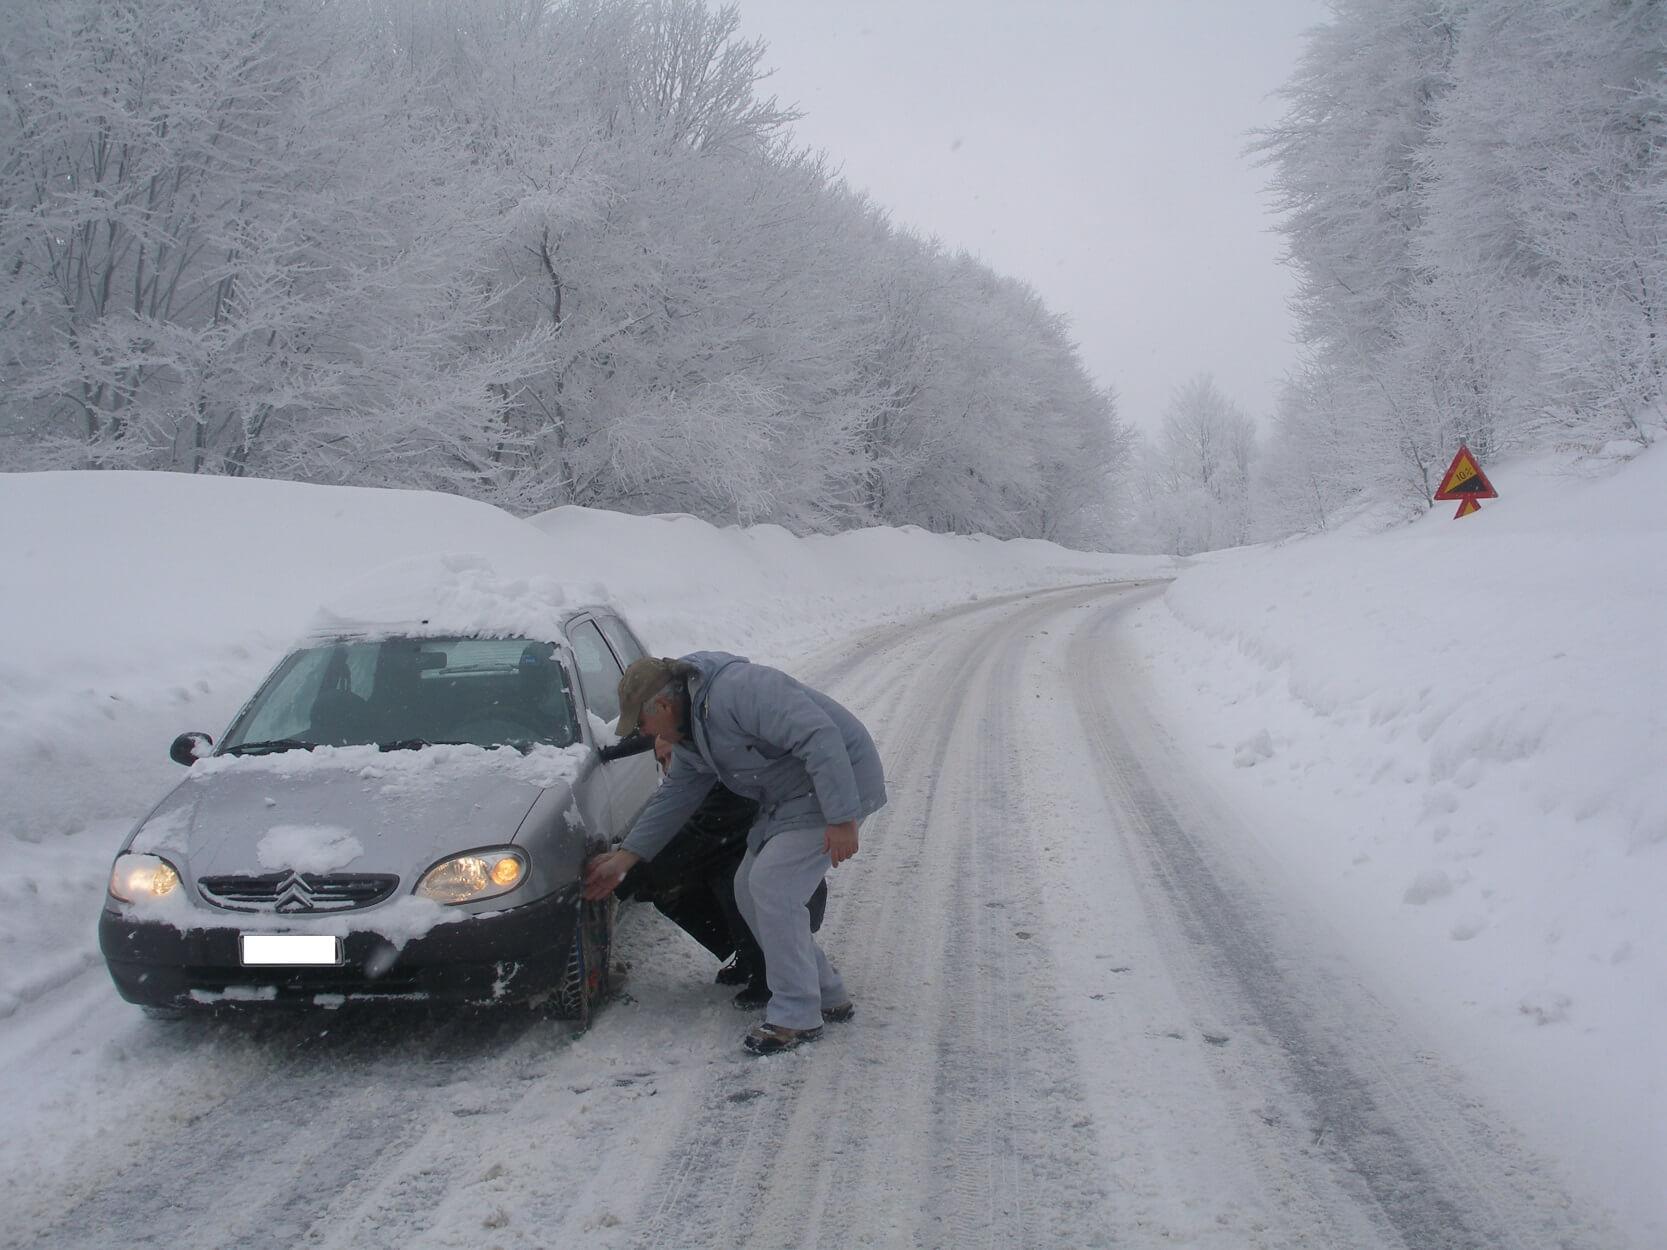 Αρναούτογλου – Καλλιάνος για καιρό: Προσοχή! Που θα χιονίσει το Σαββατοκύριακο